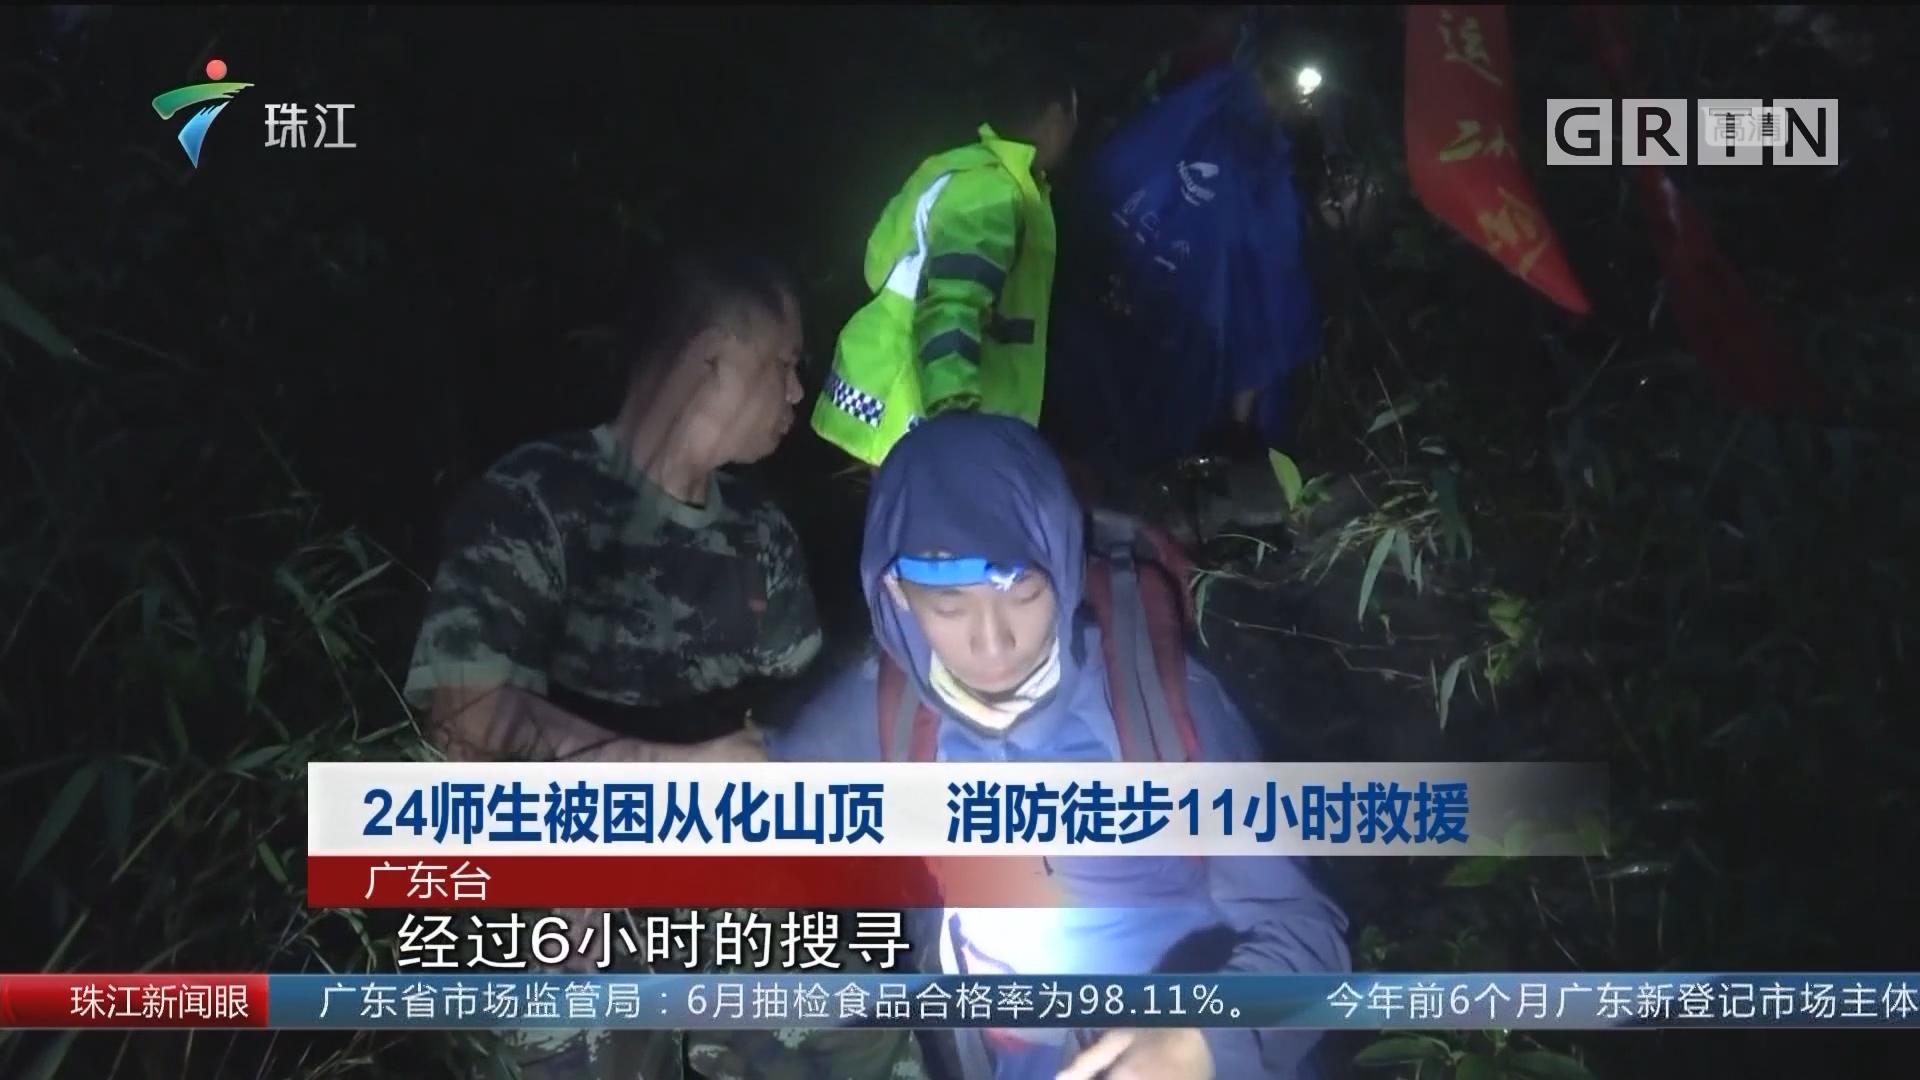 24师生被困从化山顶 消防徒步11小时救援